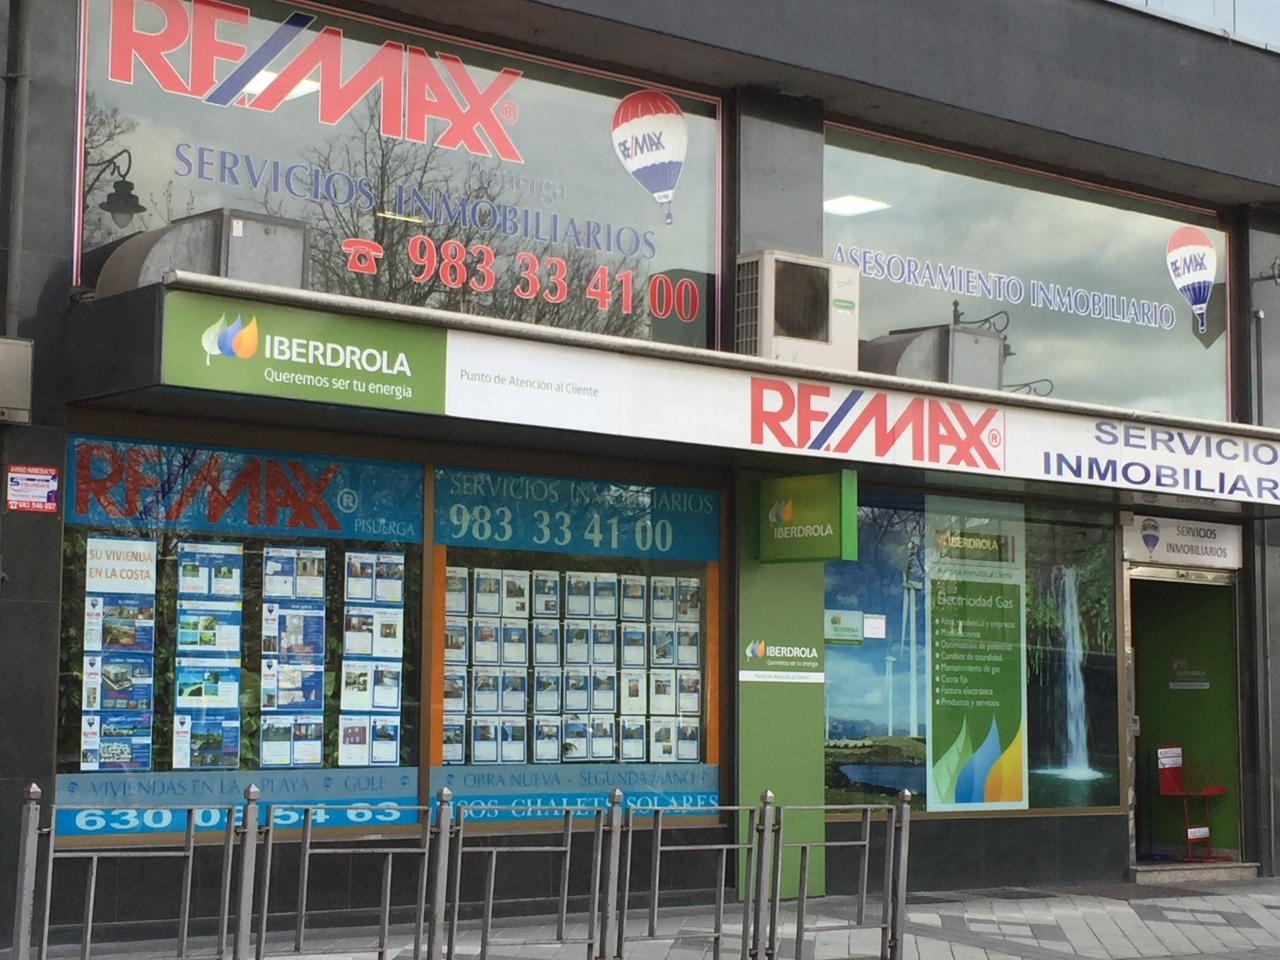 RE/MAX Pisuerga